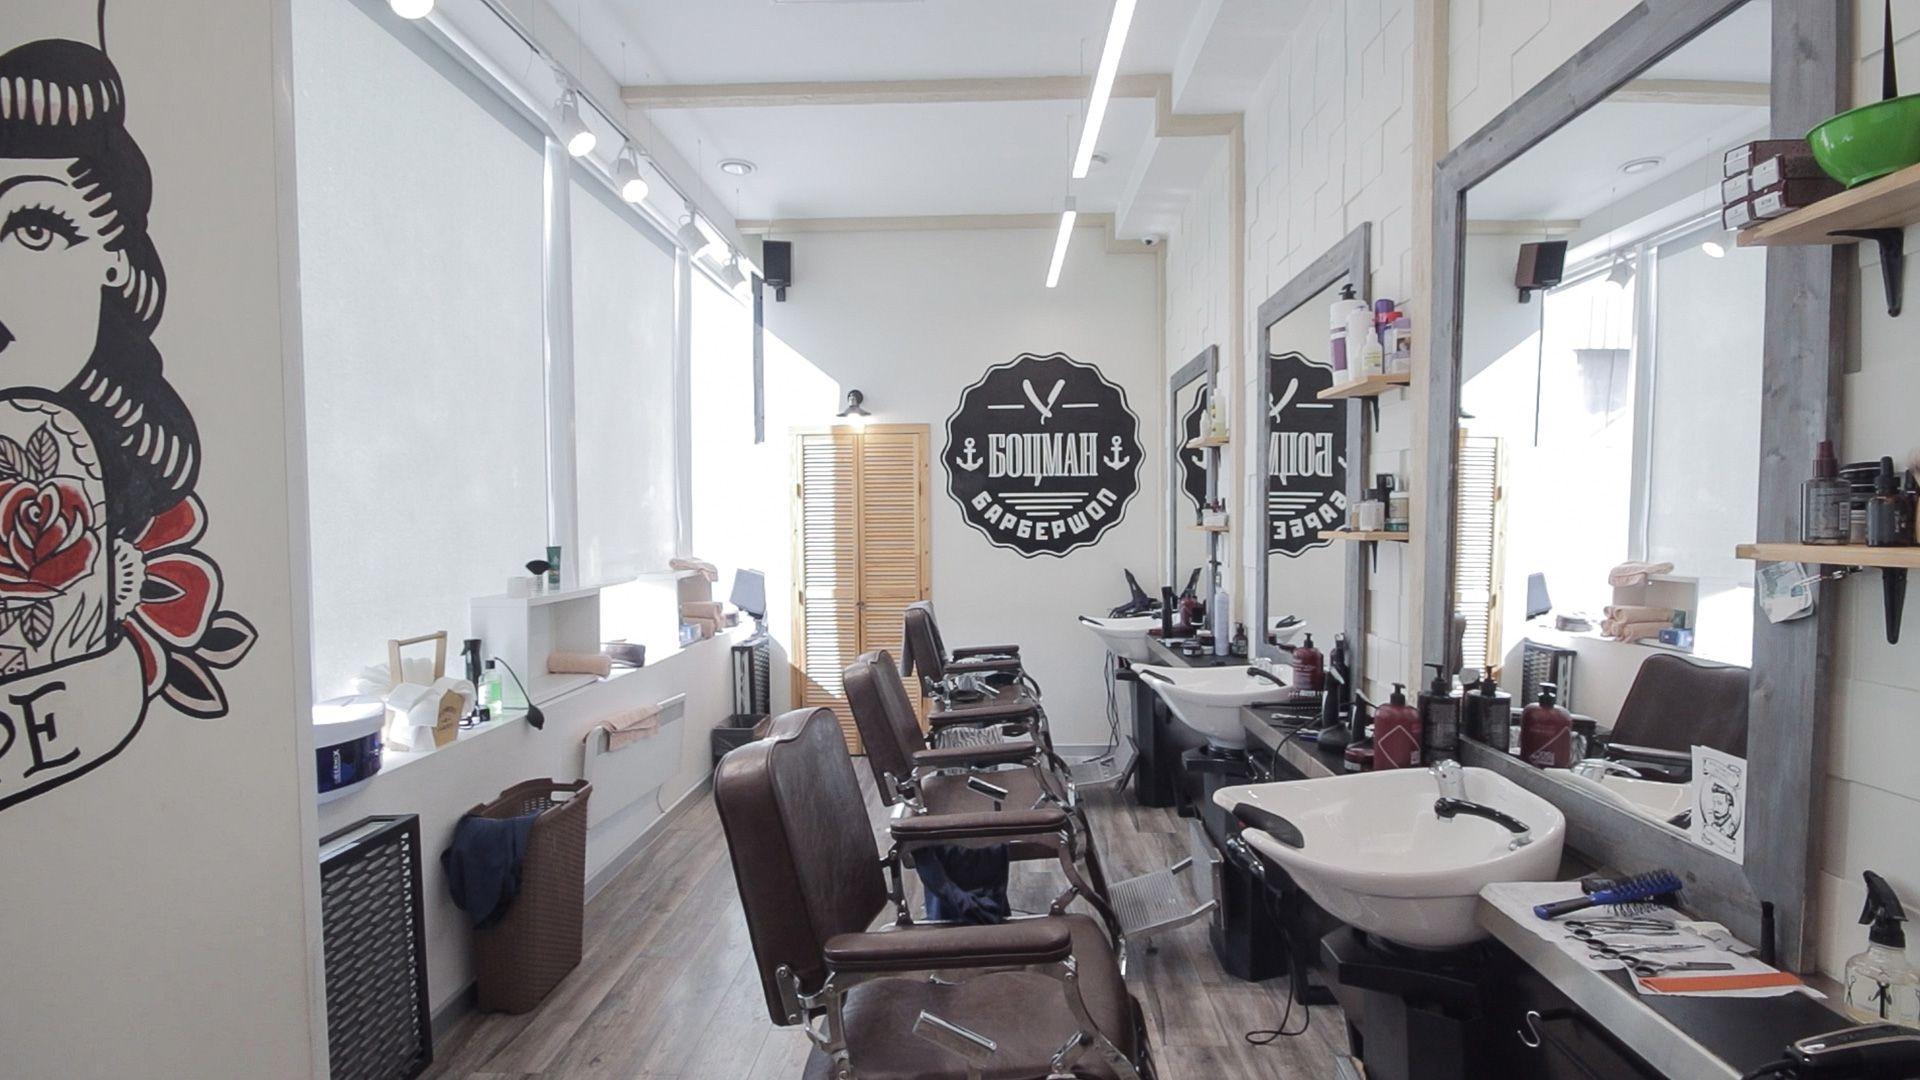 barber_svetodesign_01